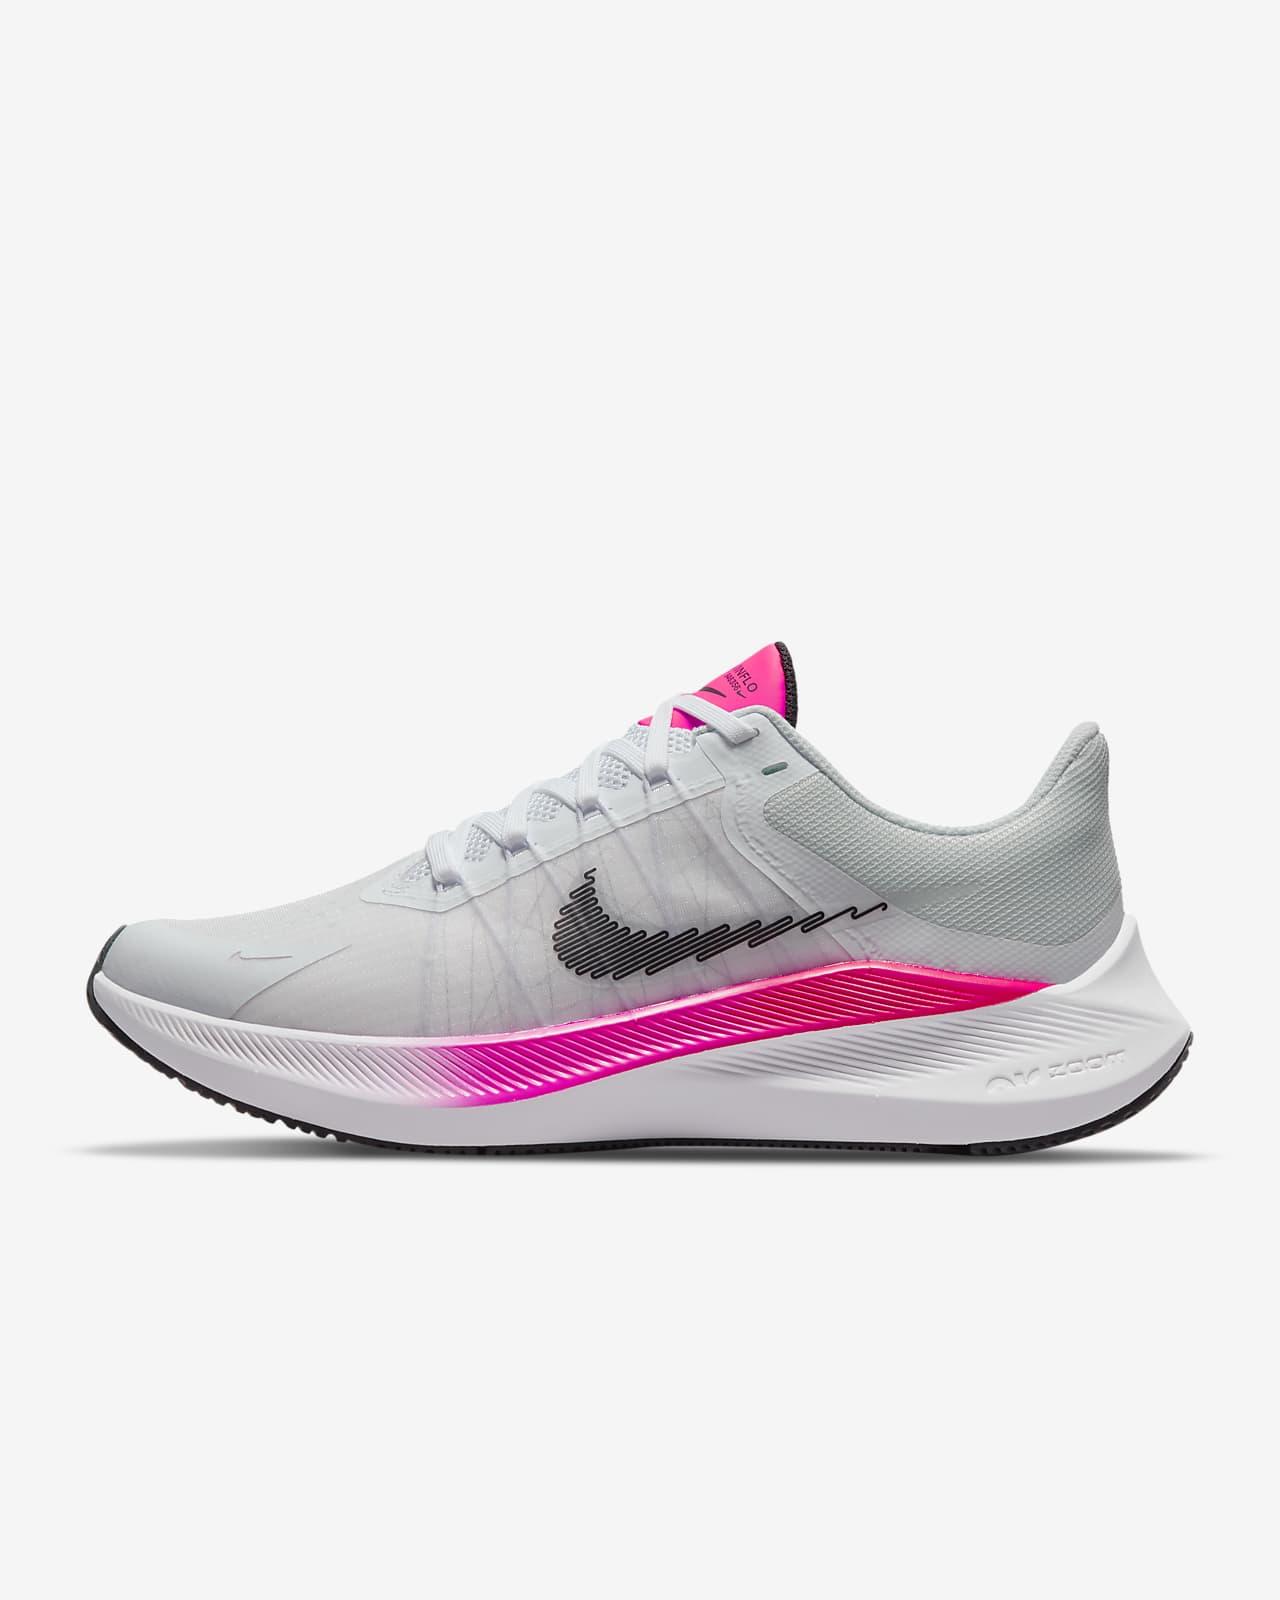 Nike Winflo 8 Damen-Laufschuh